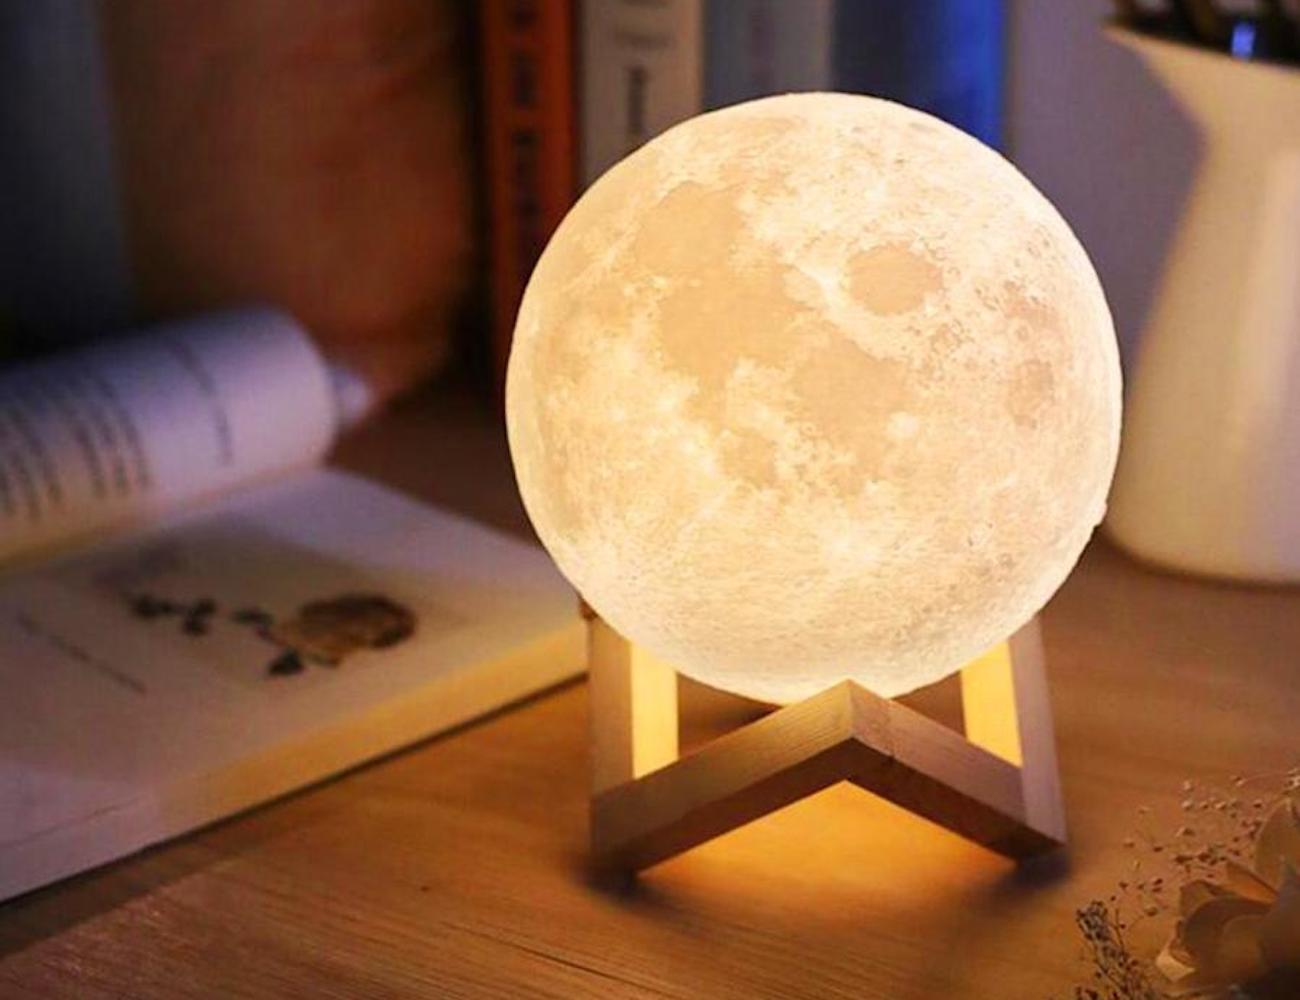 My Metanoia Moon Night Light